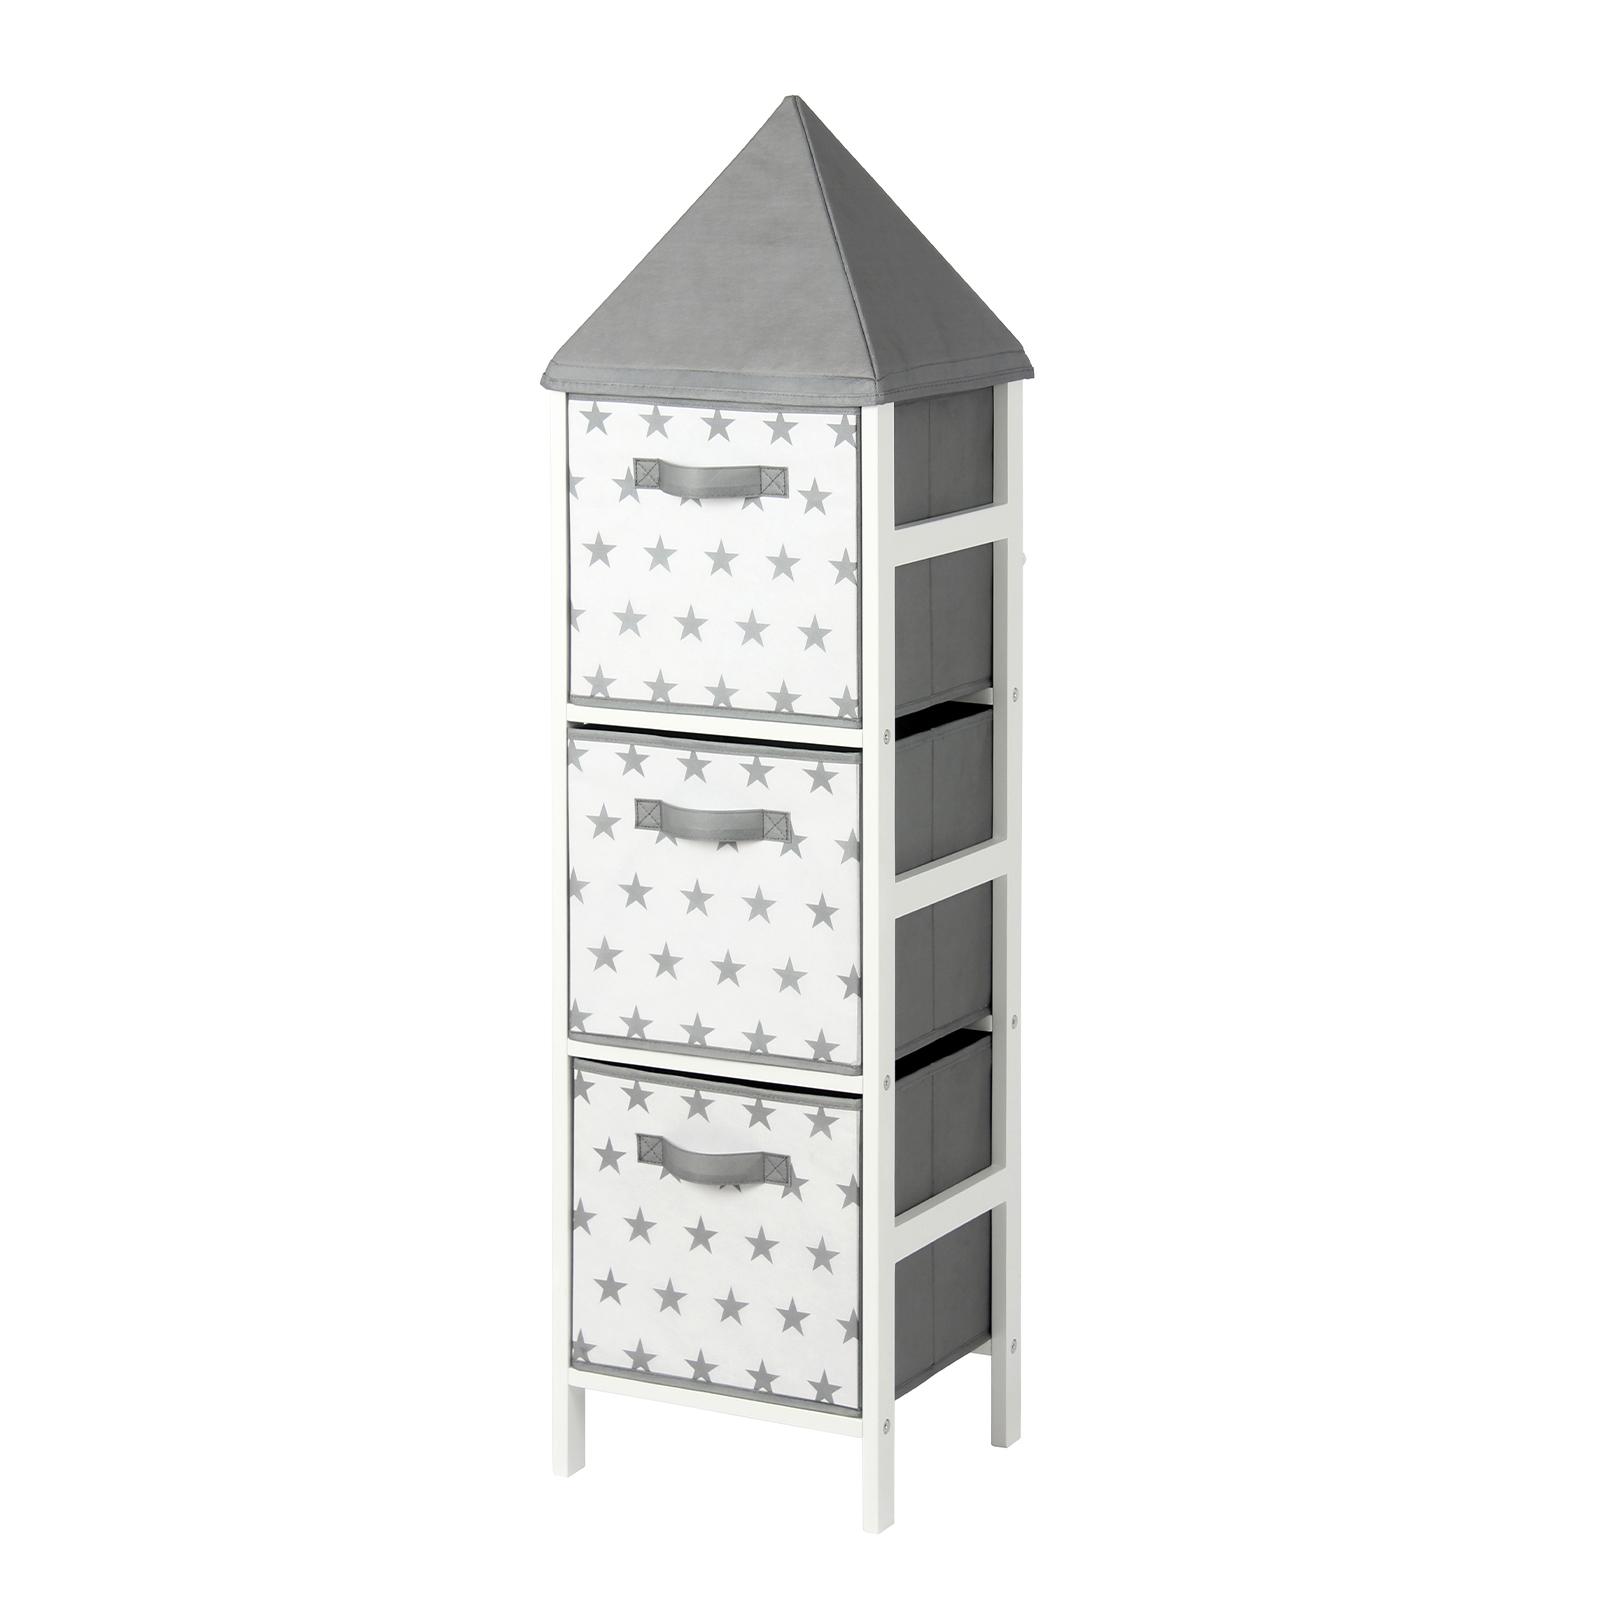 Flexi Storage Kids 32 x 120 x 28cm White And Grey Stars Storage Tower